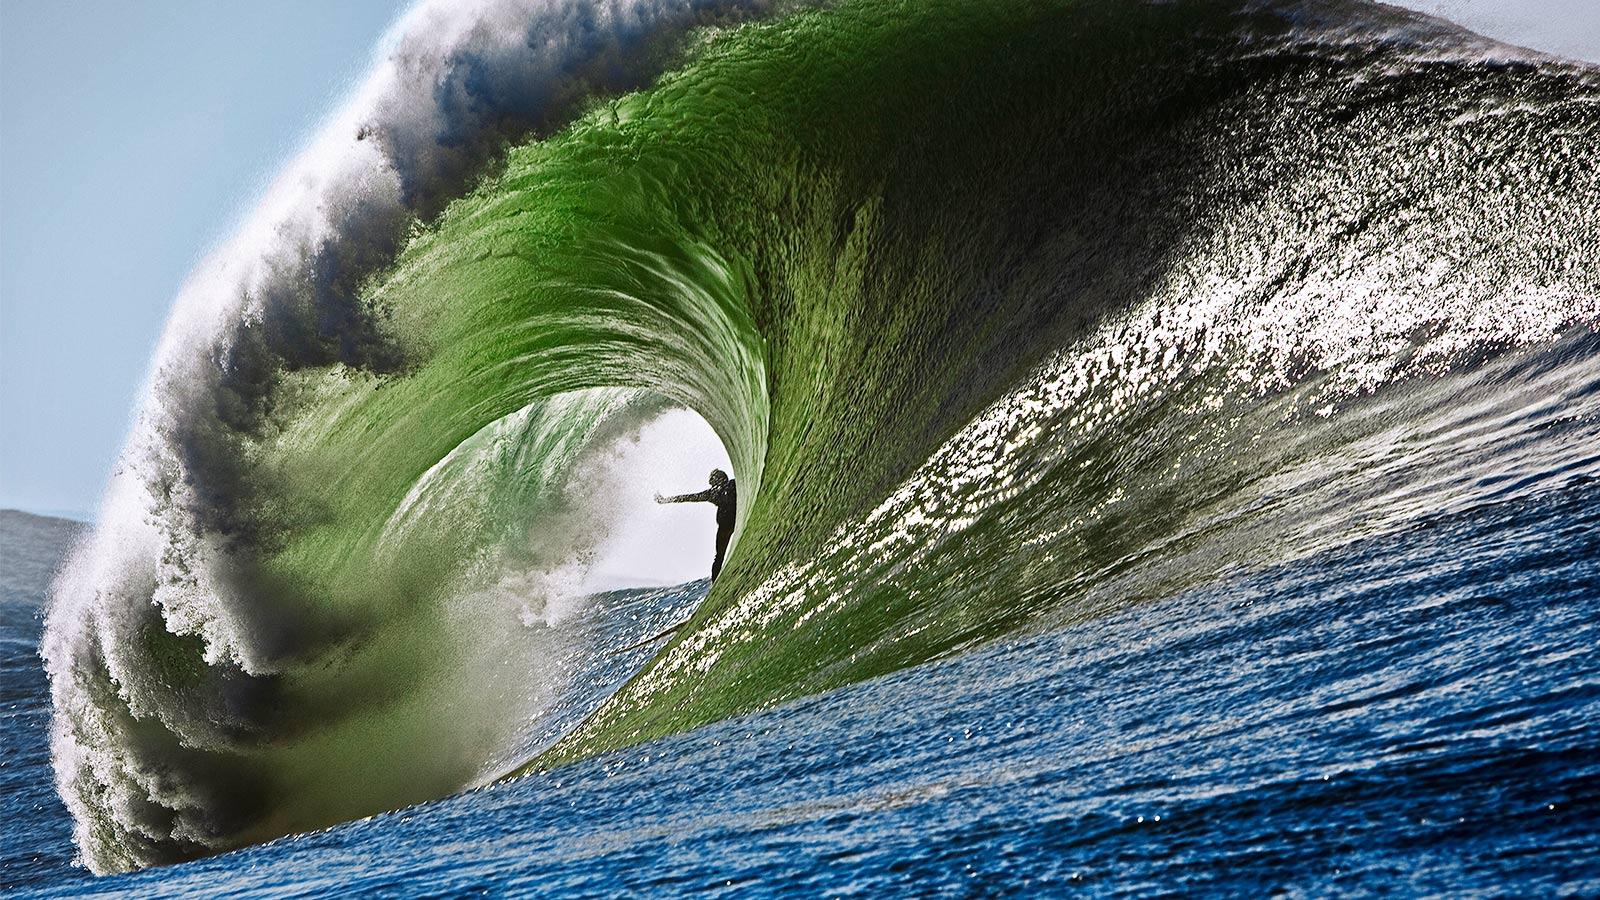 patagonia_yulex_wetsuits_tour_italia_surfculture